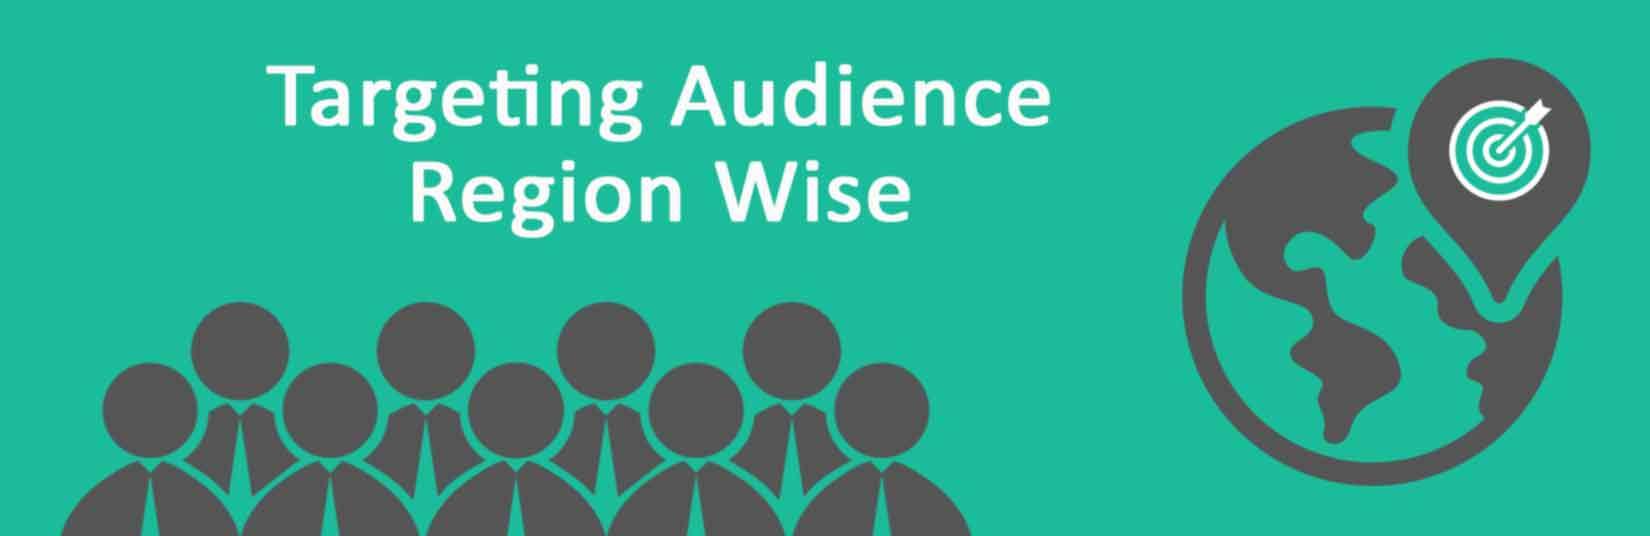 Targeting audience region wise, Targeting audience